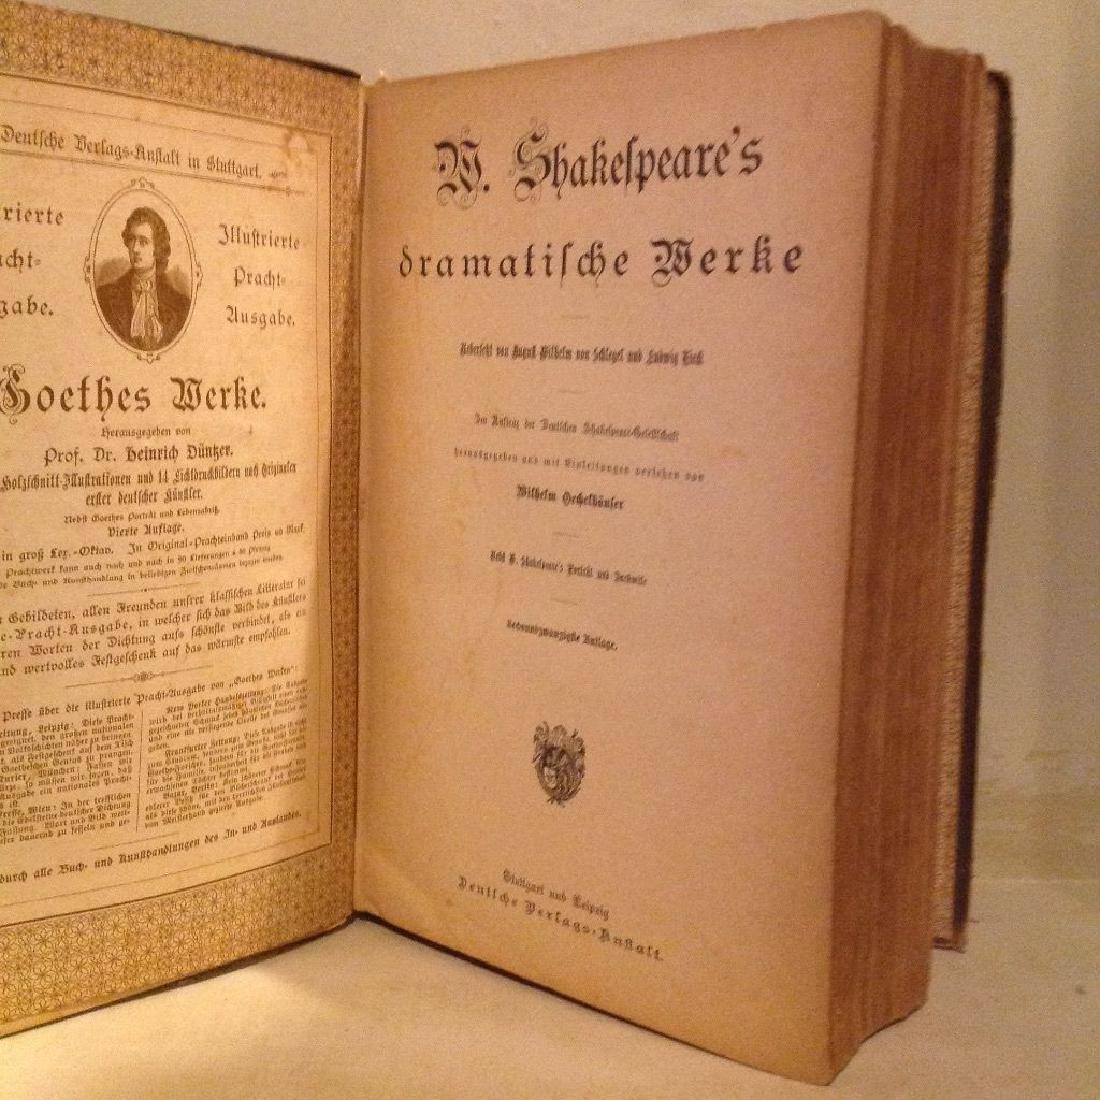 William Shakespeare's Dramatische Werke (1900) - 4